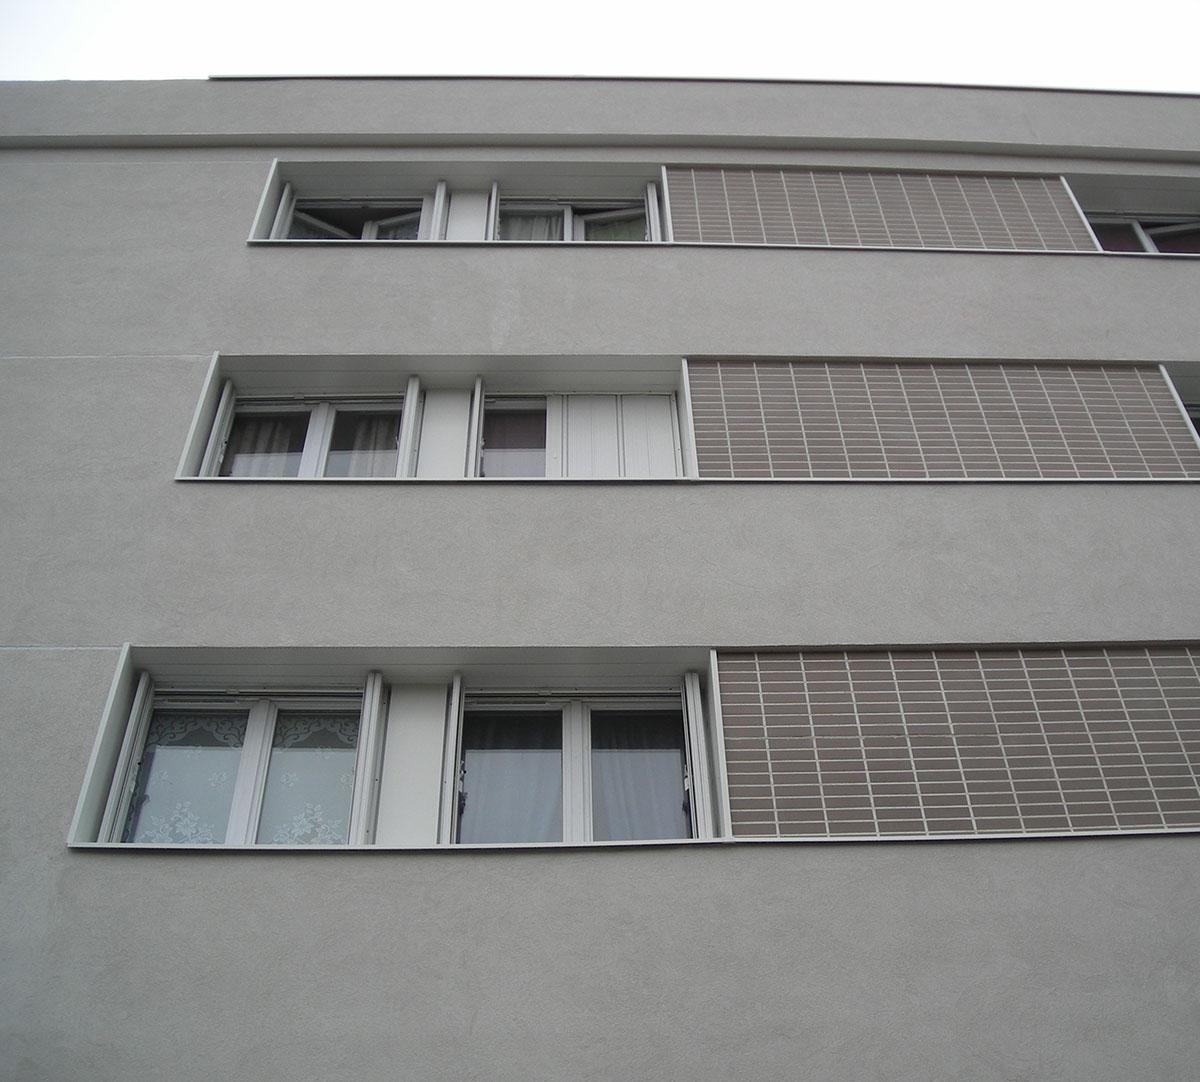 Réalisation ITE Polystyrène graffité : image 2